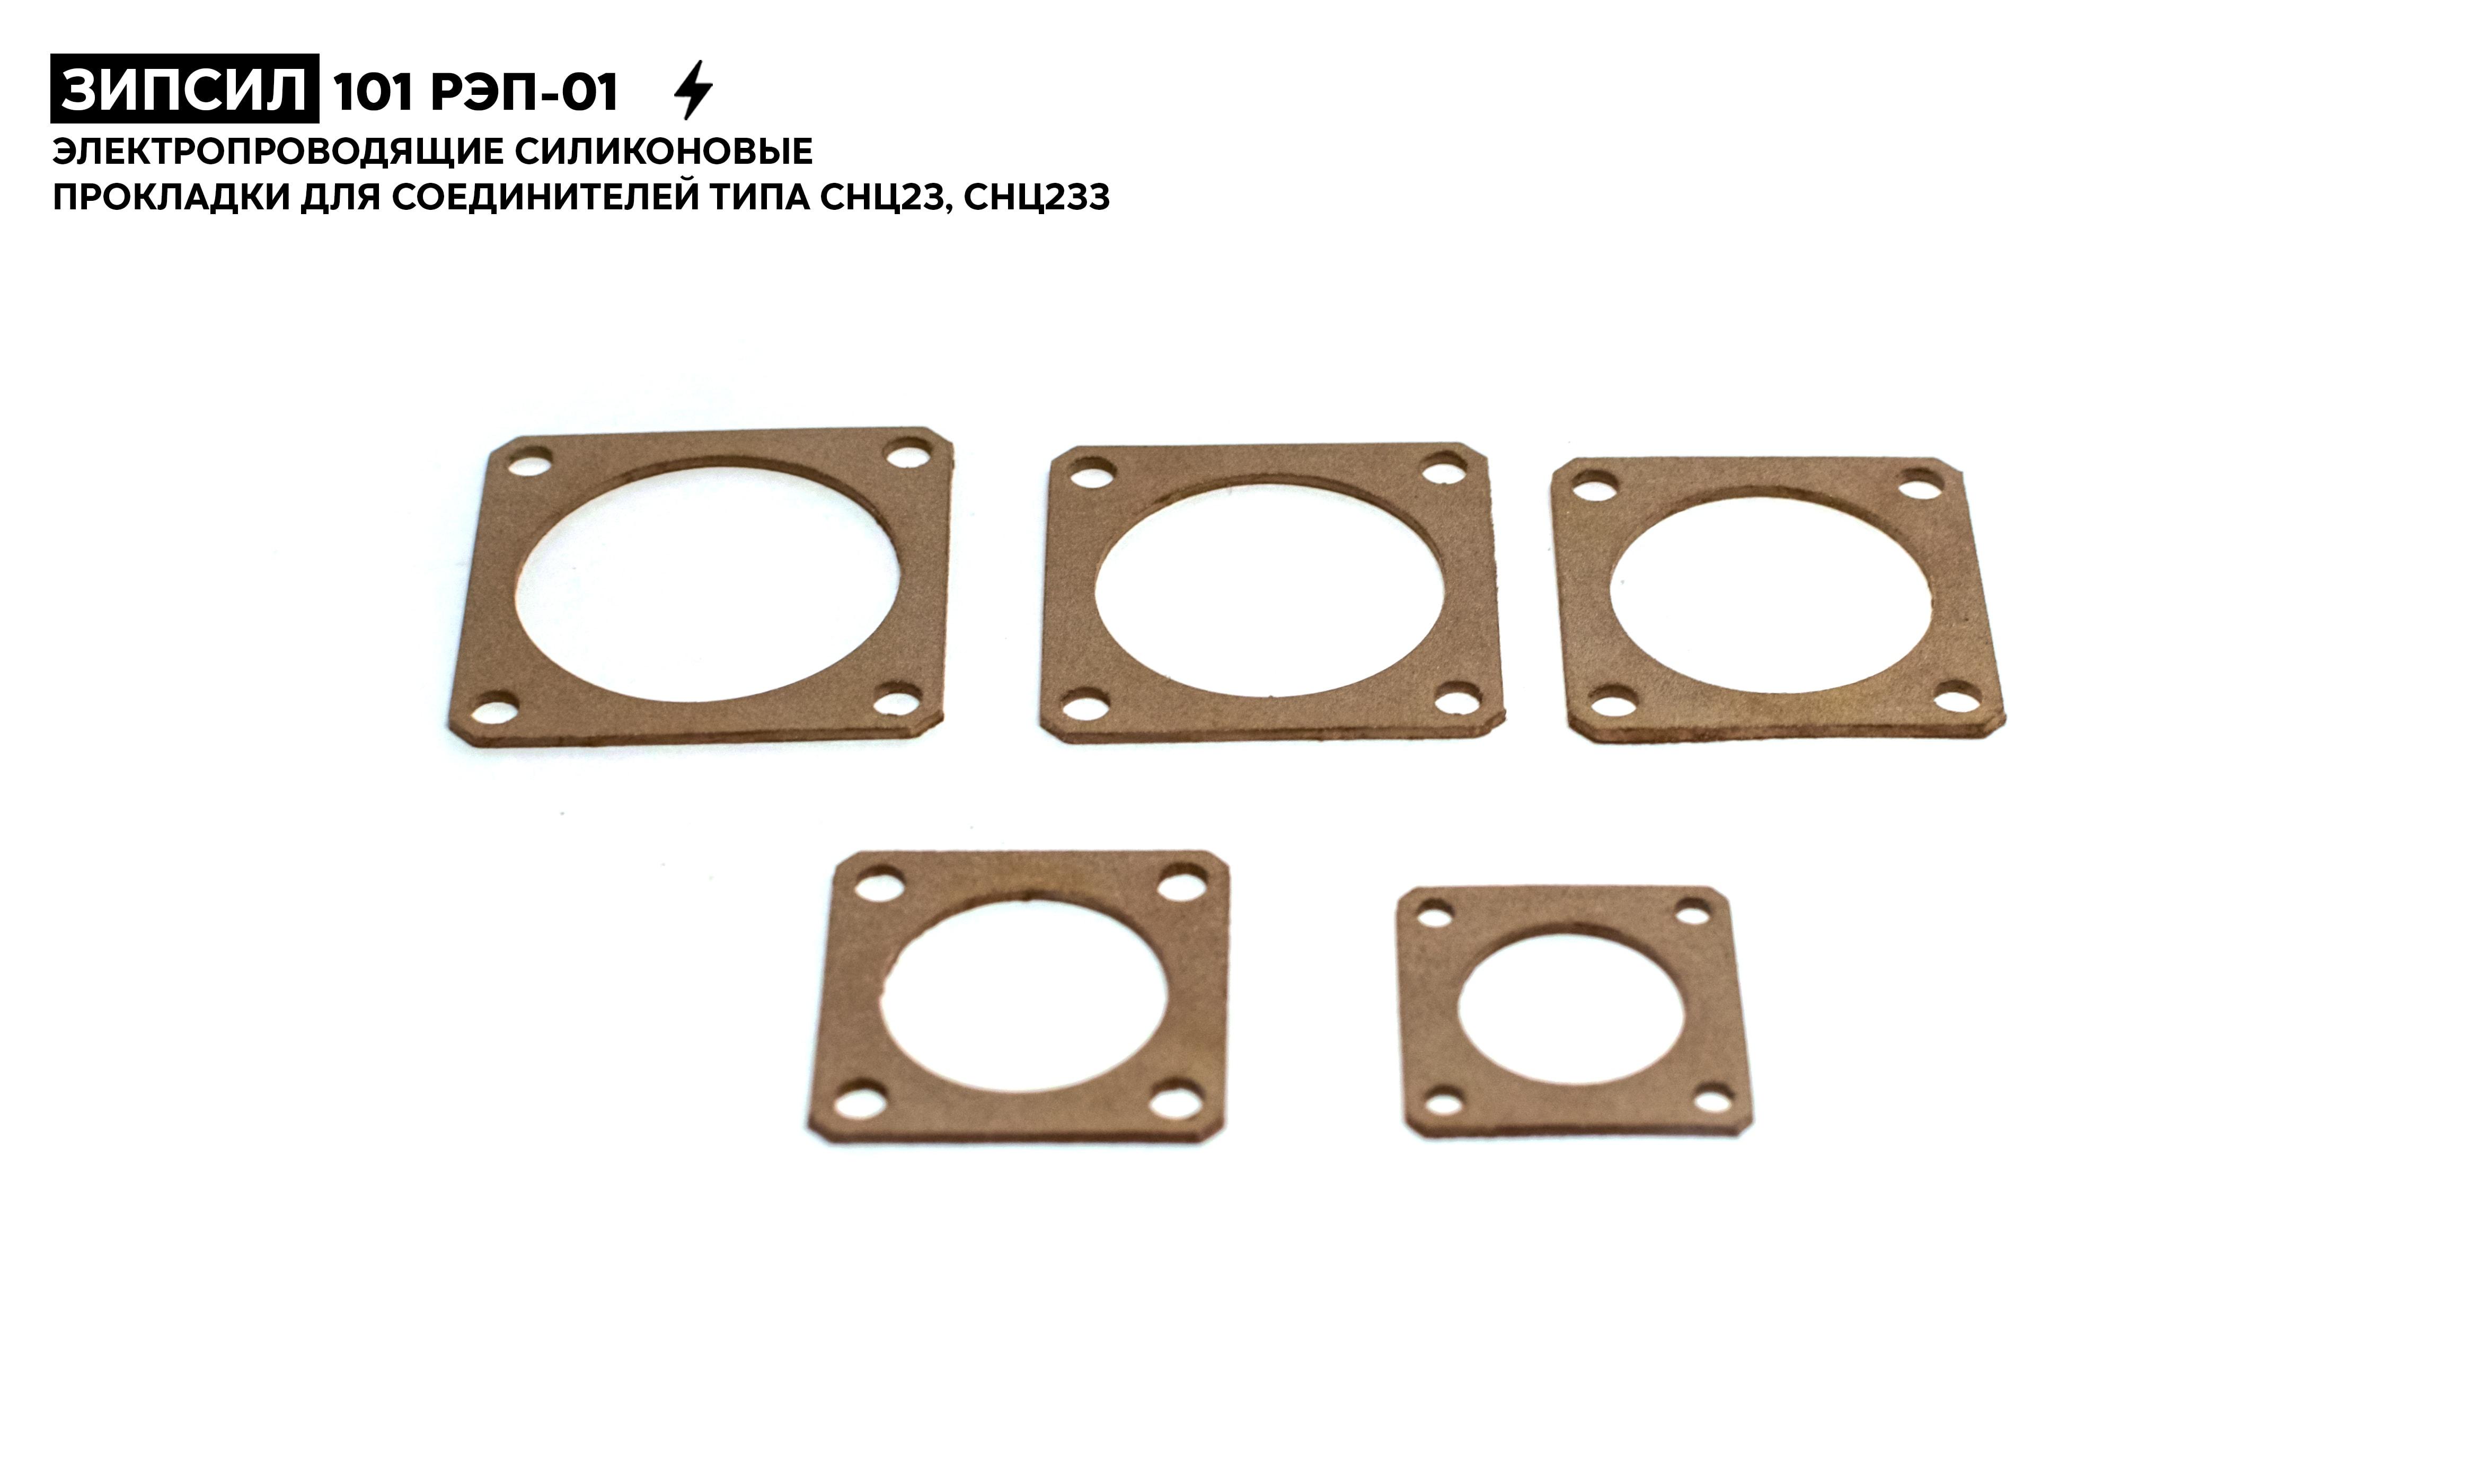 Серийные электропроводящие силиконовые уплотнительные прокладки ЗИПСИЛ 101 РЭП-01 для уплотнения фланцев пылебрызгозащищенныхсоединителей типа СНЦ23, СНЦ233.